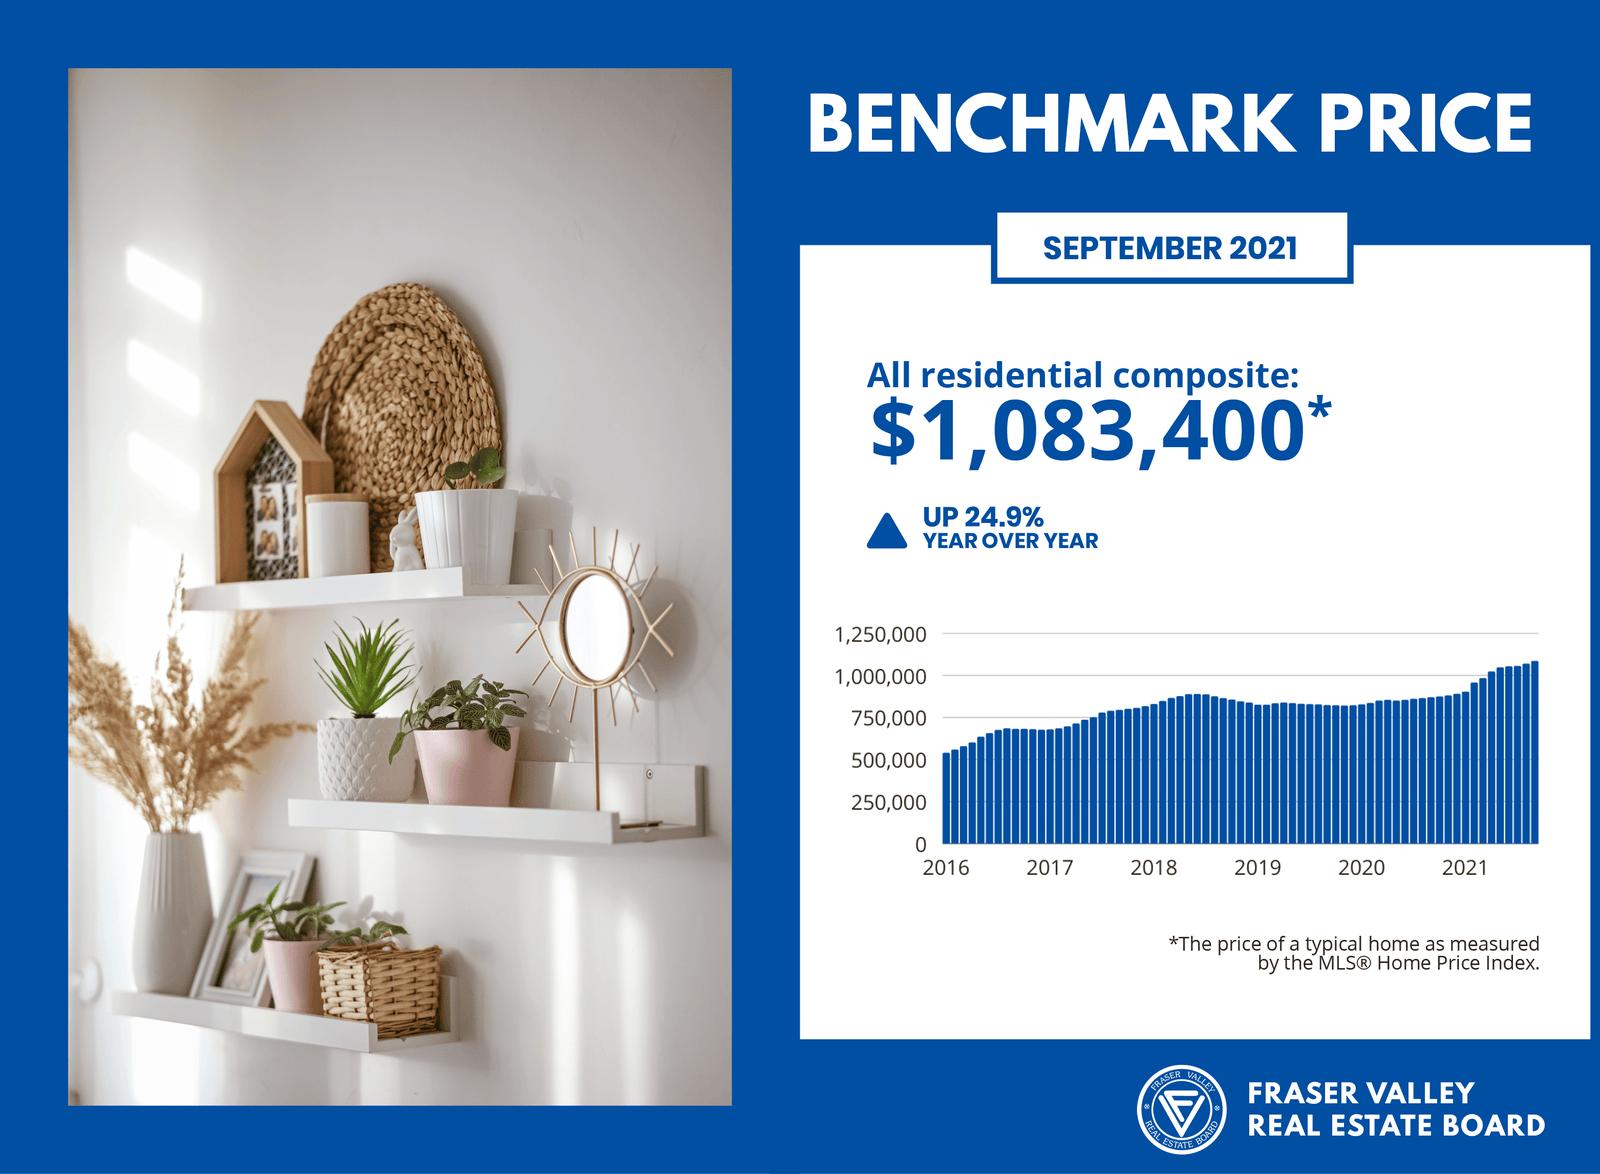 Fraser Valley Housing Market Report - Benchmark Price September 2021